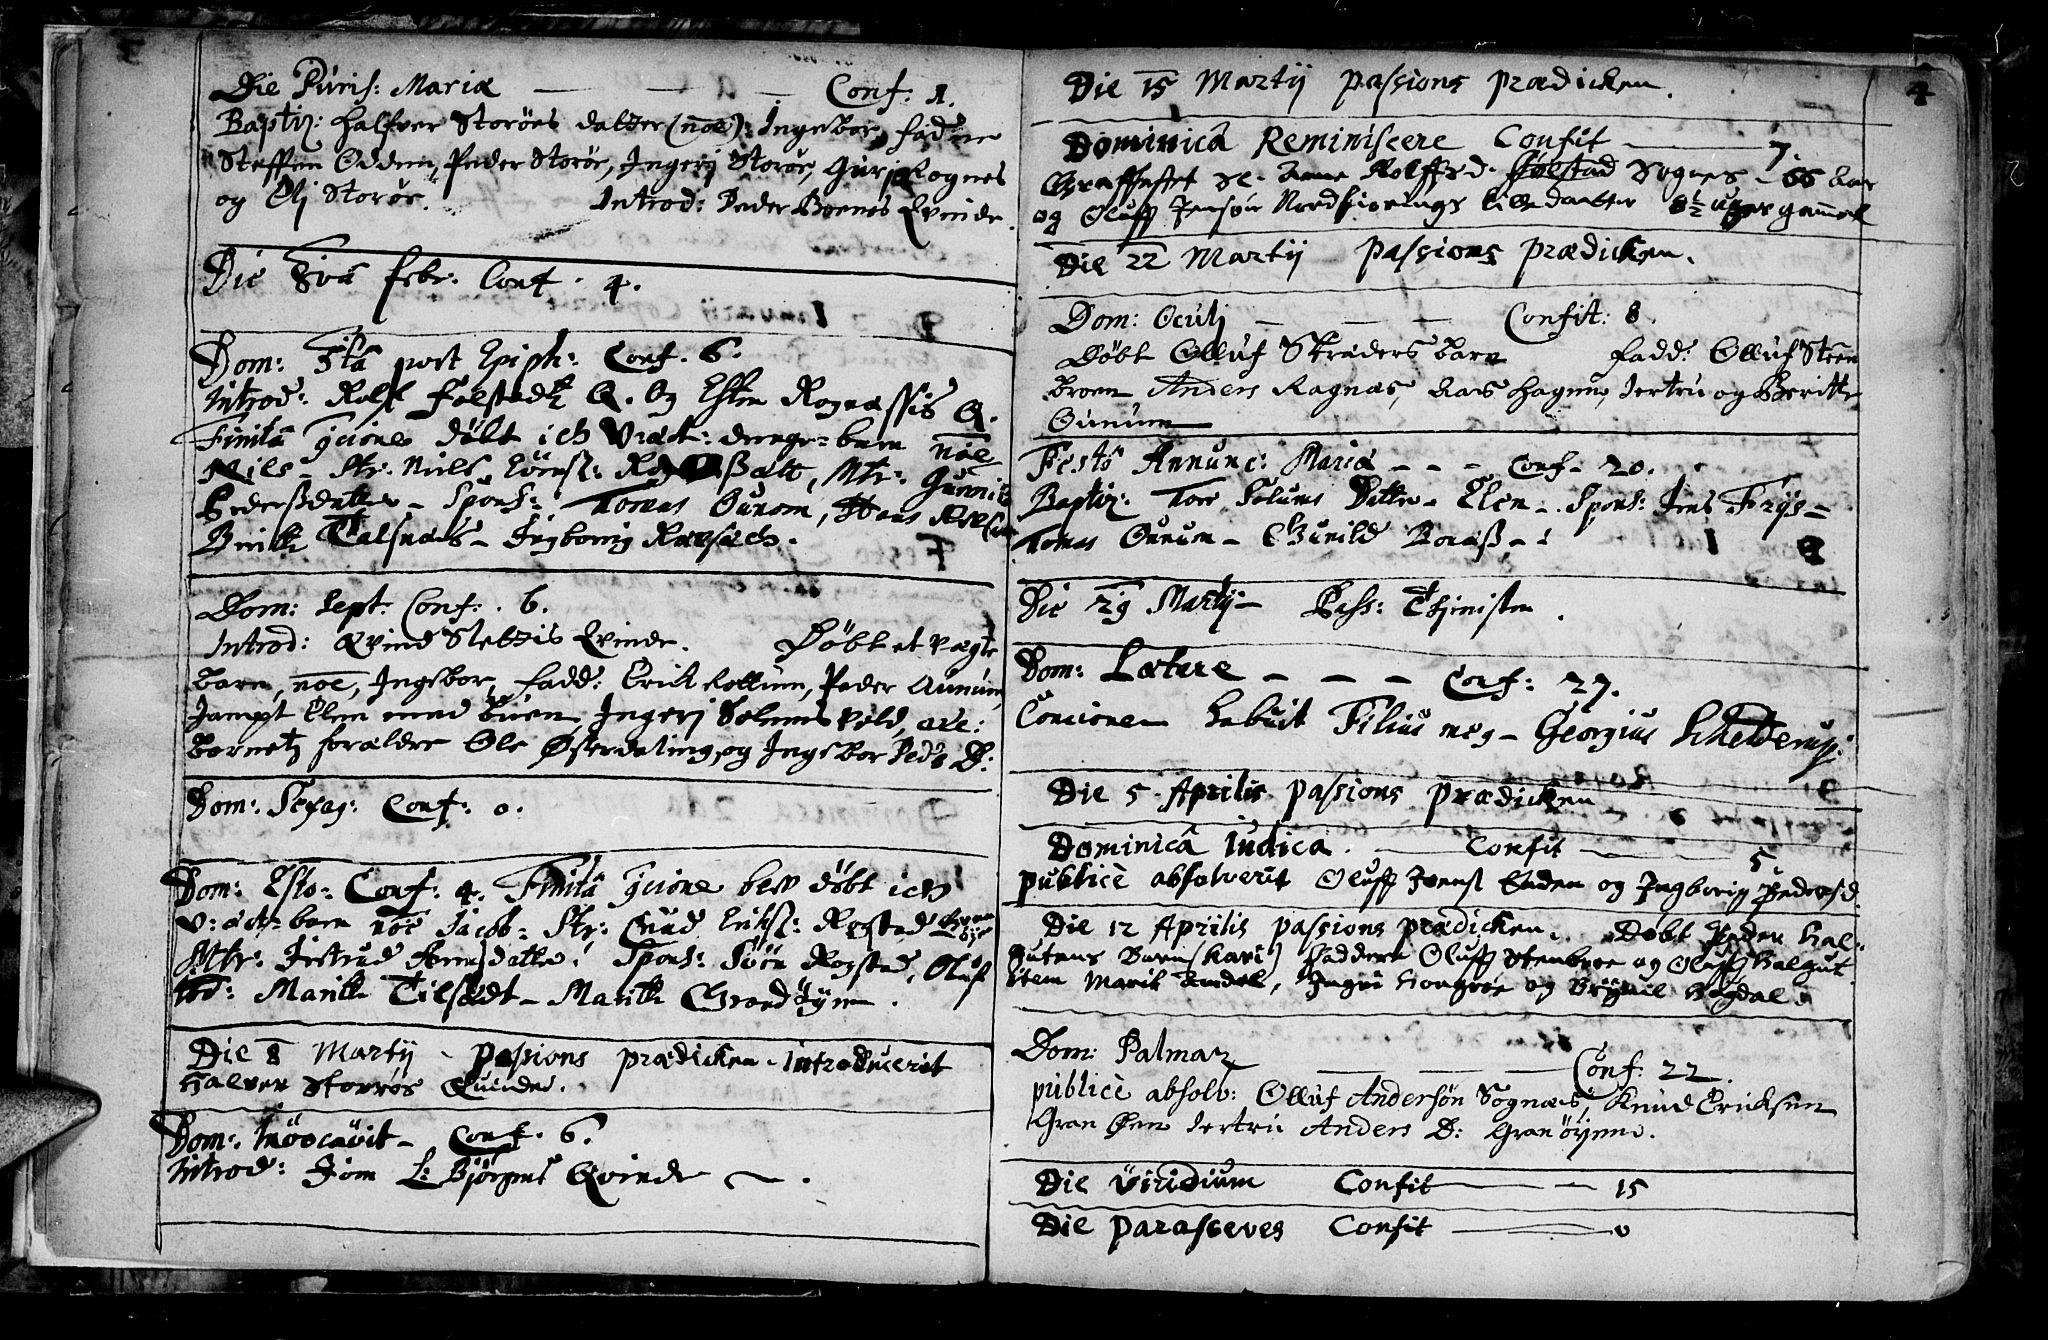 SAT, Ministerialprotokoller, klokkerbøker og fødselsregistre - Sør-Trøndelag, 687/L0990: Ministerialbok nr. 687A01, 1690-1746, s. 4